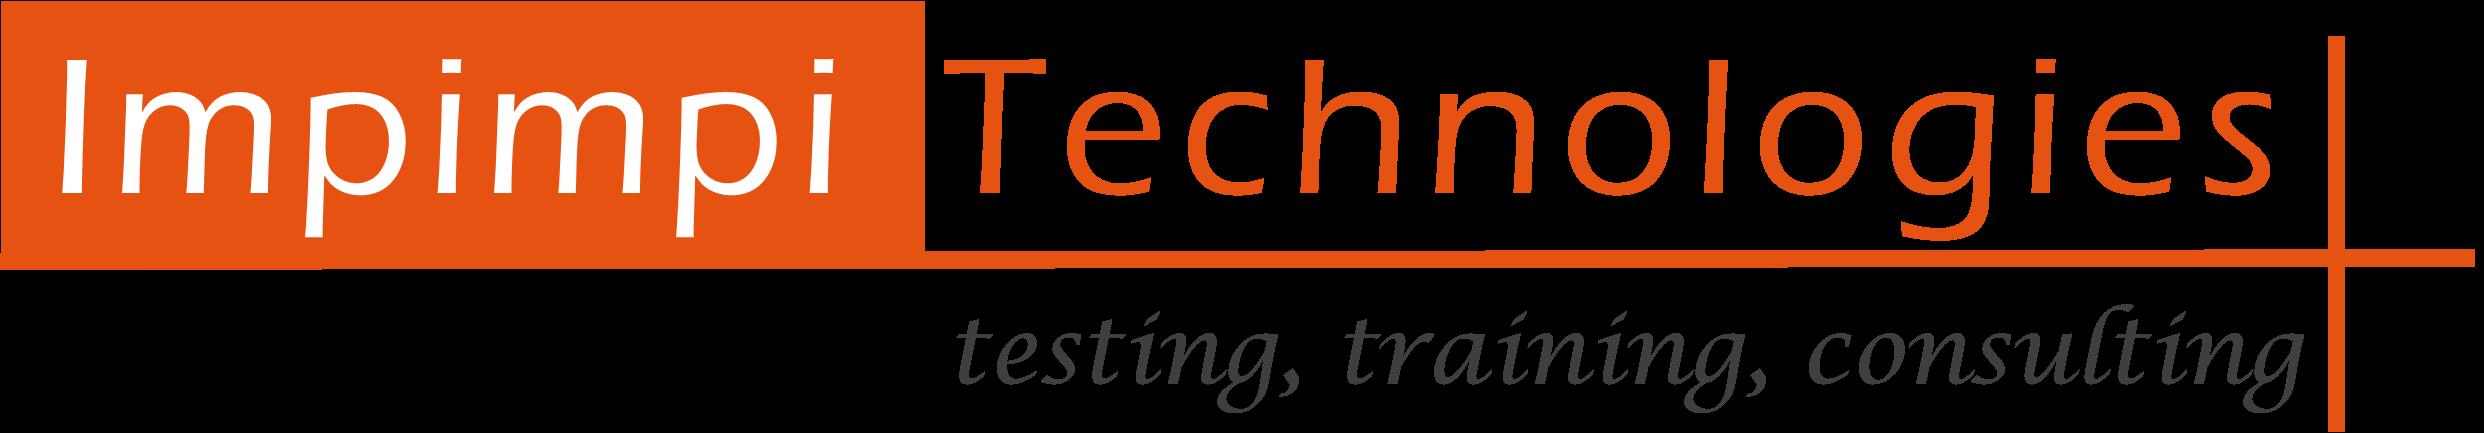 Impimpi Technologies